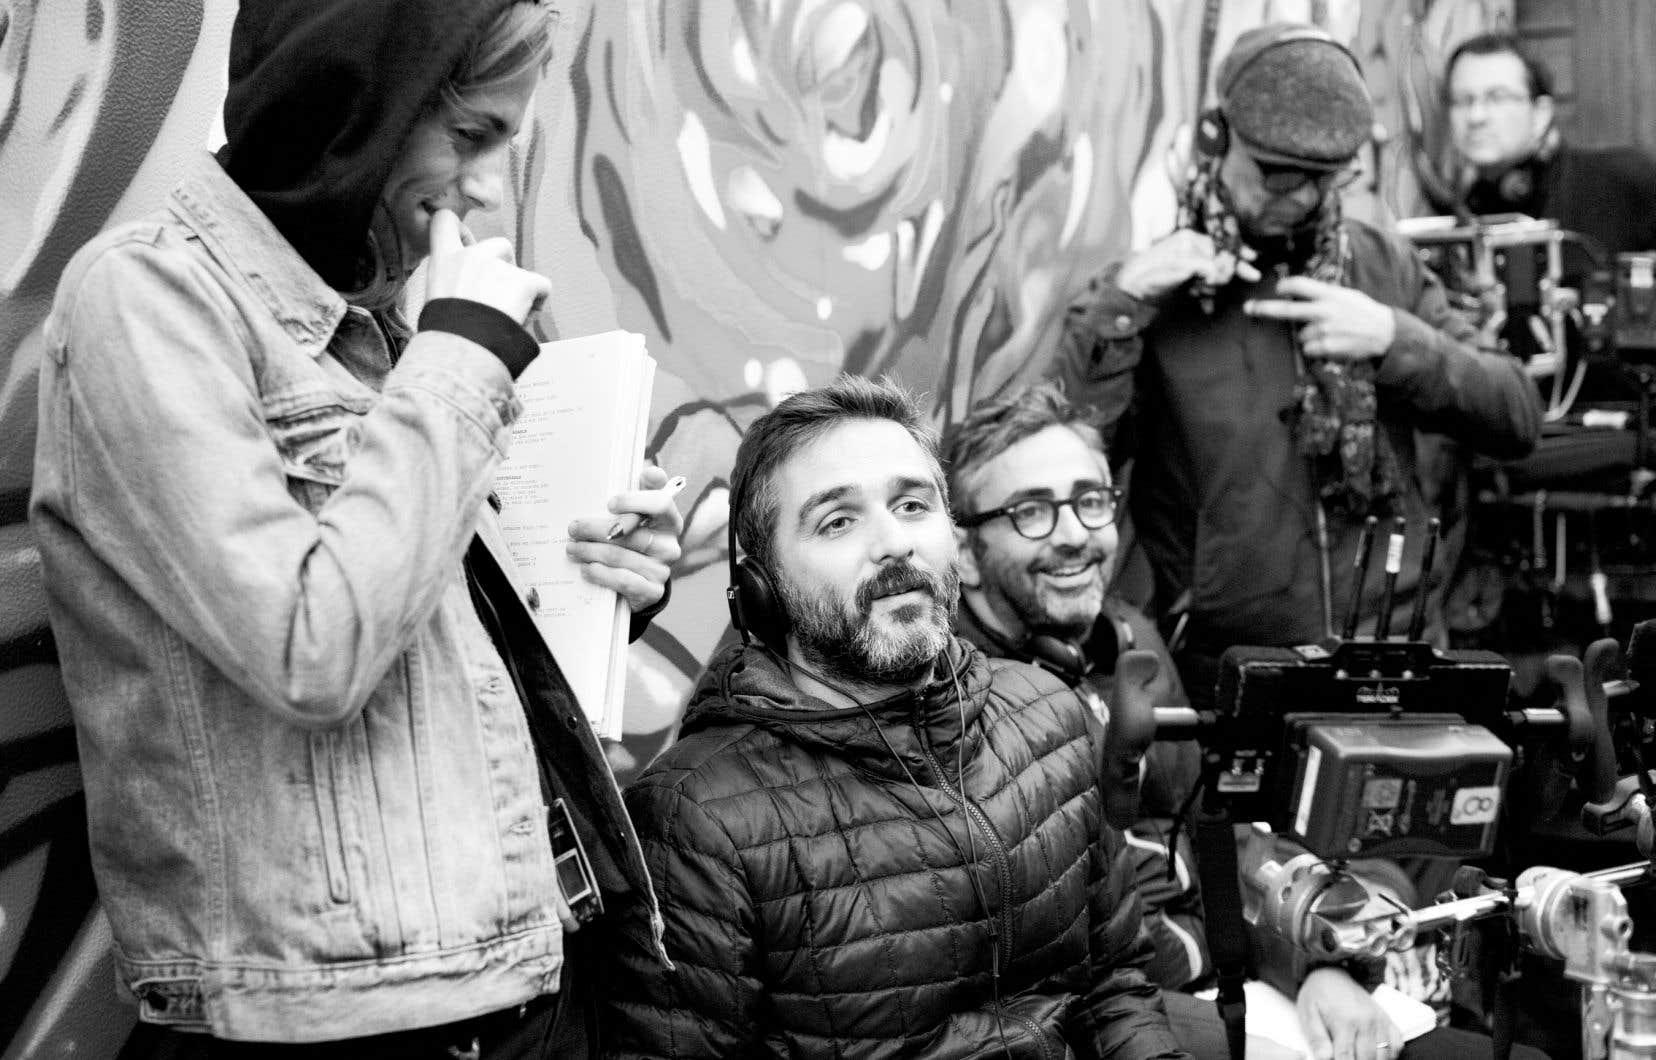 Les cinéastes Olivier Nakache et Éric Toledano ont imaginé un scénario au fil des deux années d'immersion passées dans des associations qui prennent en charge les personnes autistes devenues adultes.